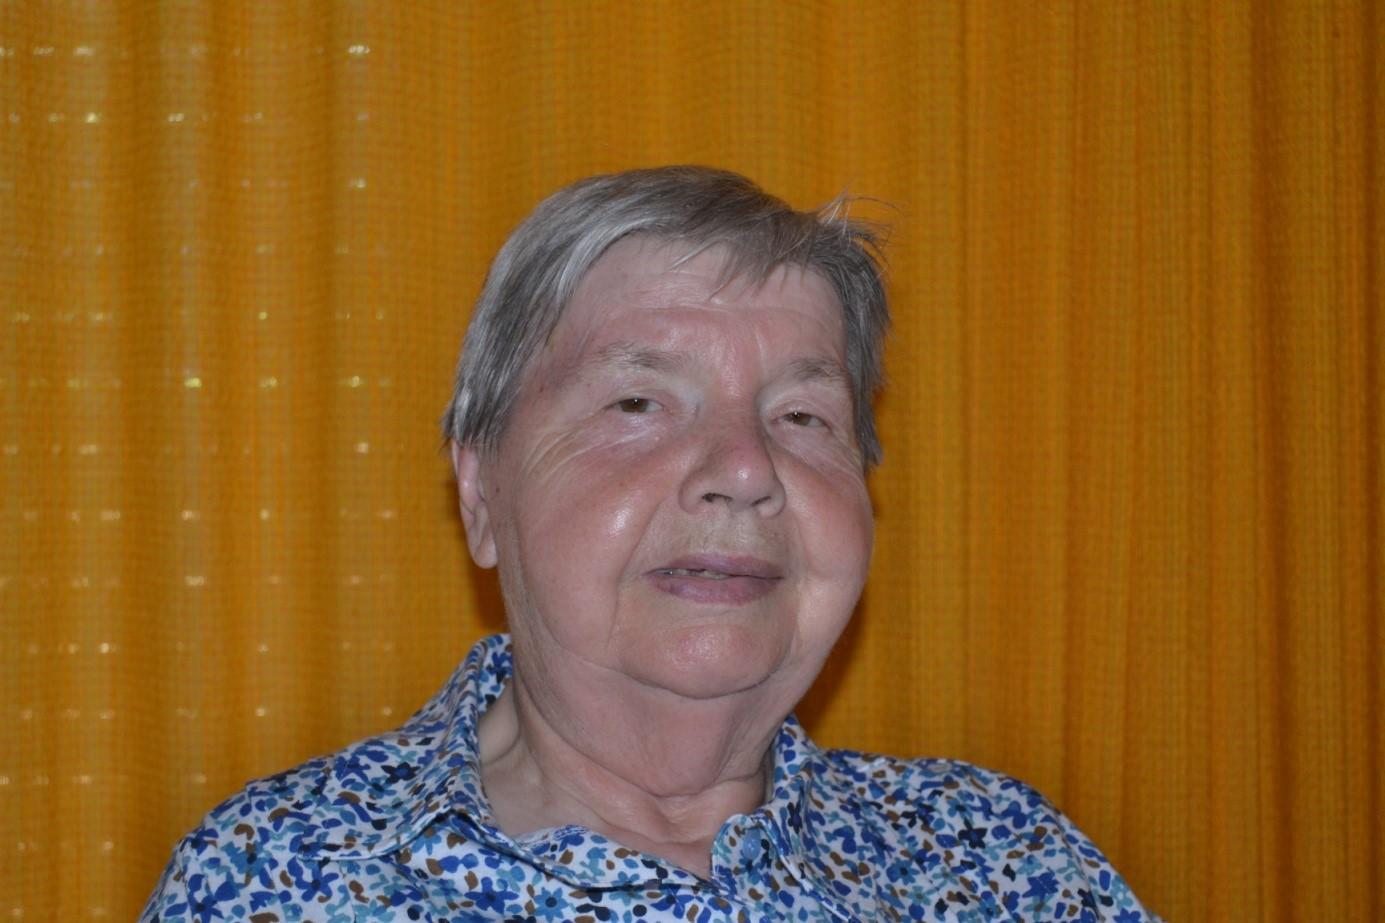 Mitglied im Bewohnerbeirat des Seniorenheims Emmaus in Friesenheim-Oberweier, Stand: September 2018 – Monika Fleig